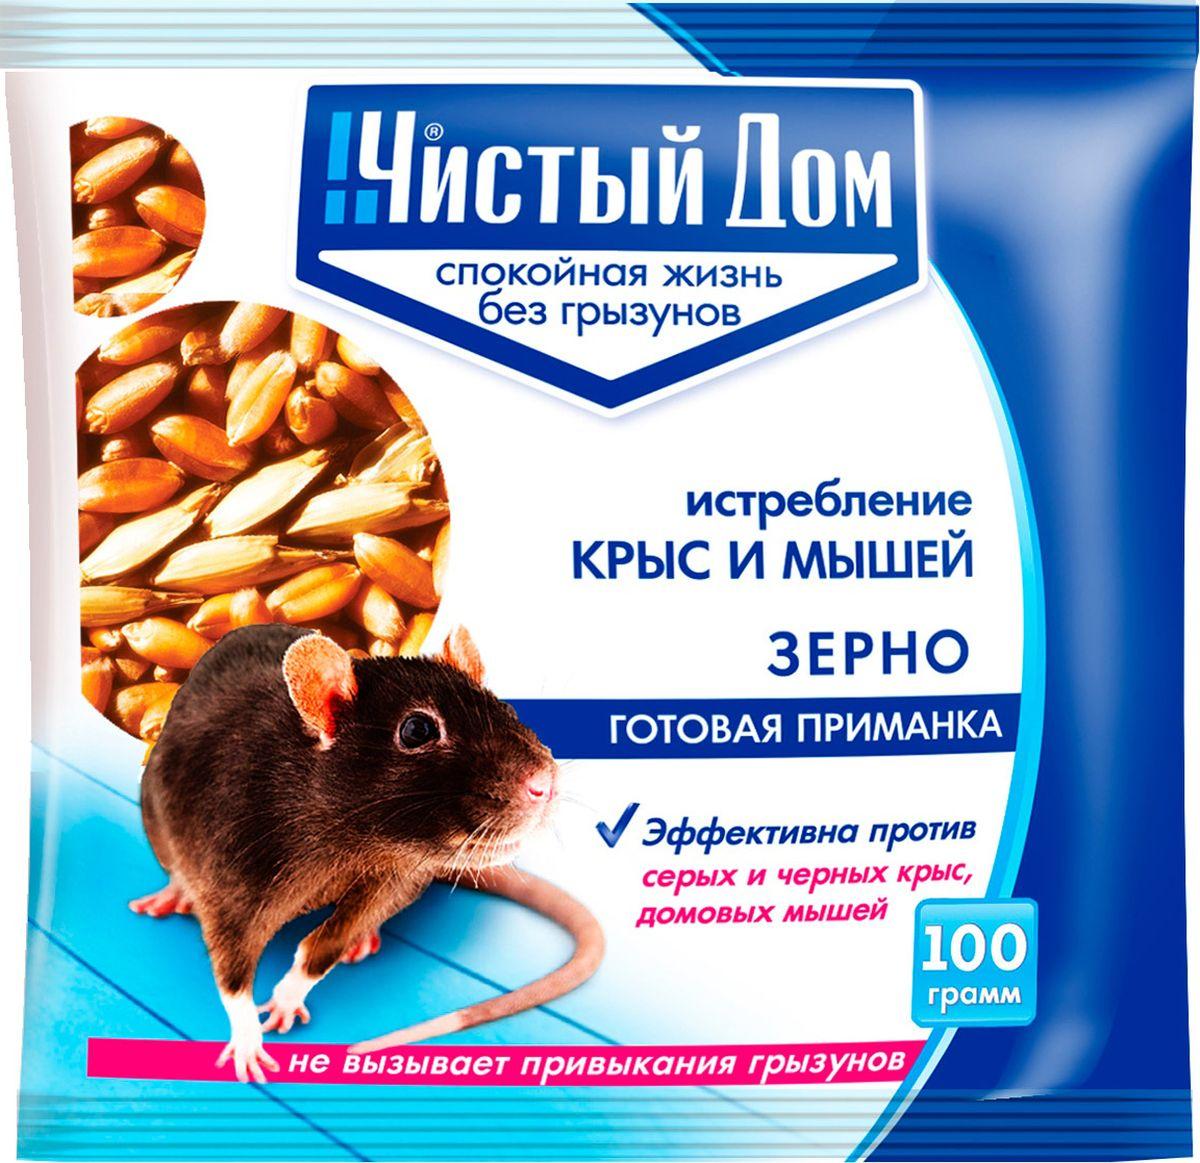 """Приманка """"Чистый Дом"""" - универсальное готовое к применению средство от мышей, крыс и полевок. Основа """"Форэта"""" — натуральные зерна пшеницы, что обеспечивает отличную поедаемость грызунами. Товар сертифицирован."""